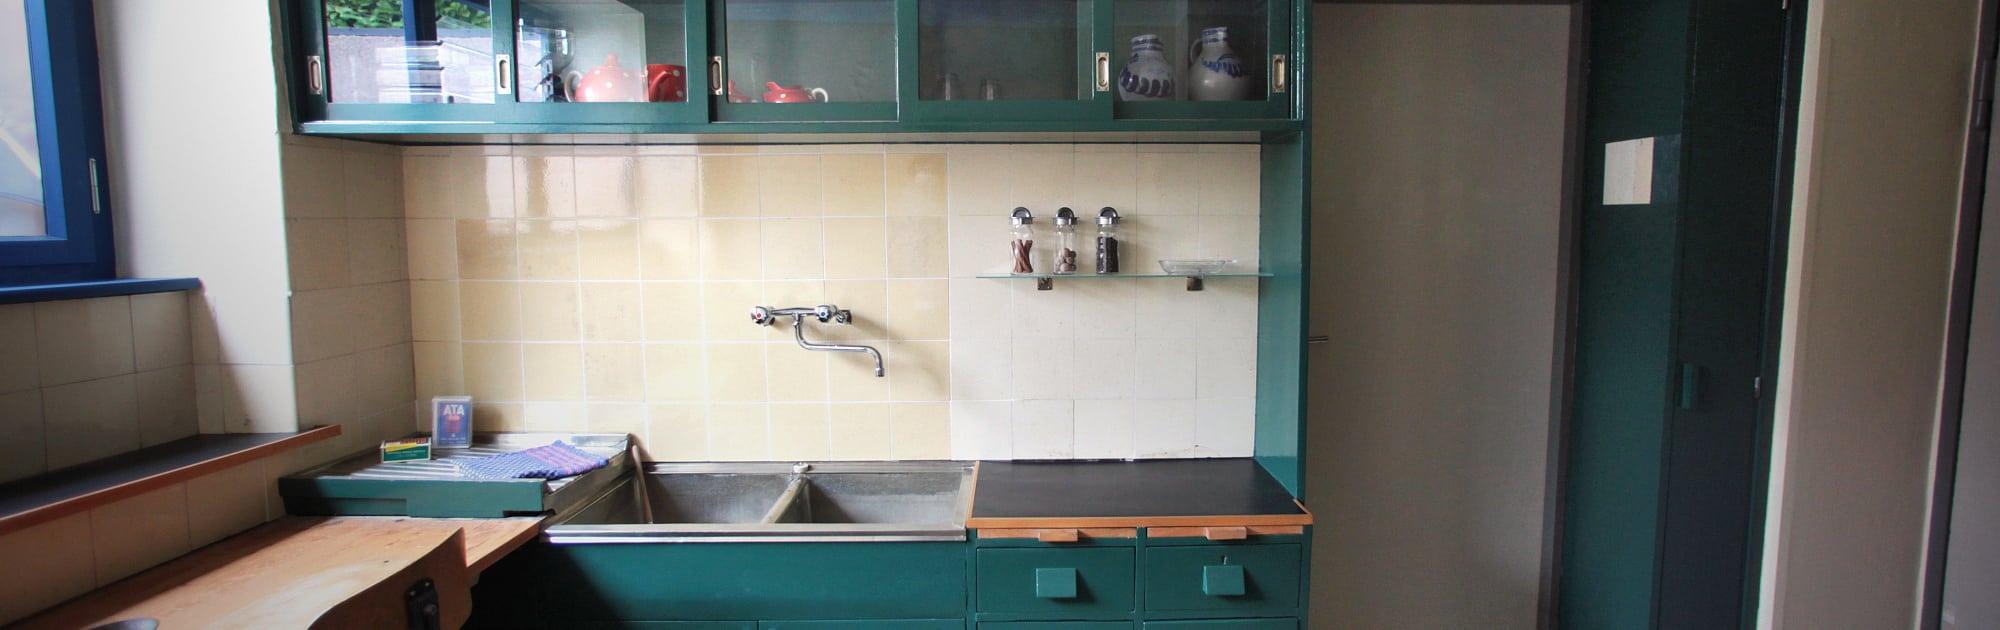 Full Size of Kleine Einbauküche Verkaufen Kleine Wohnung Mit Einbauküche Kleine Küche Einbauküche Was Kostet Eine Kleine Einbauküche Küche Kleine Einbauküche